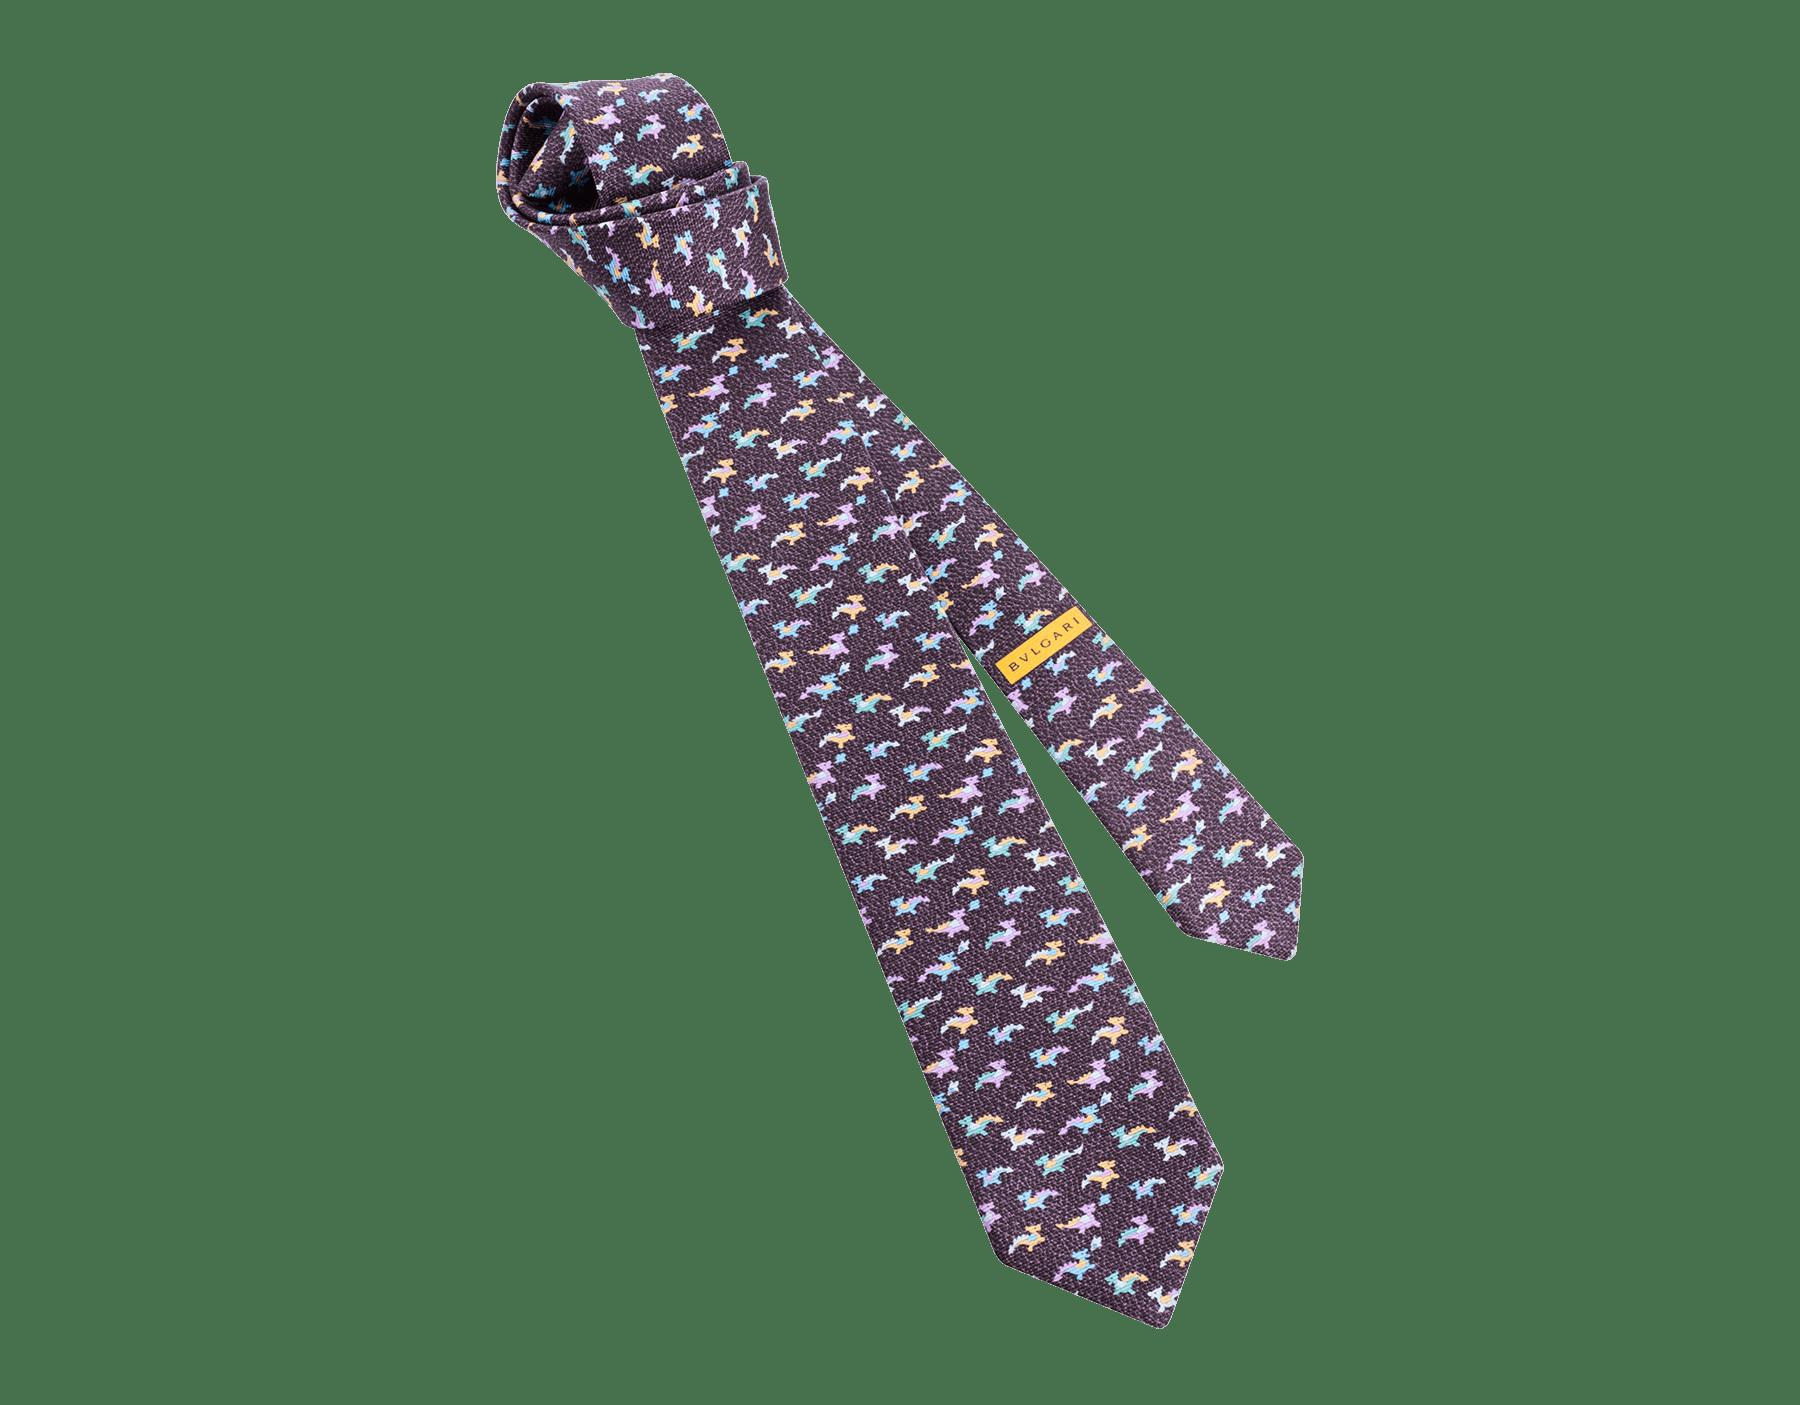 """Siebenfach gefaltete auberginefarbene Krawatte mit """"Dragonheart"""" Muster aus feiner, bedruckter Saglione-Seide. 243629 image 1"""